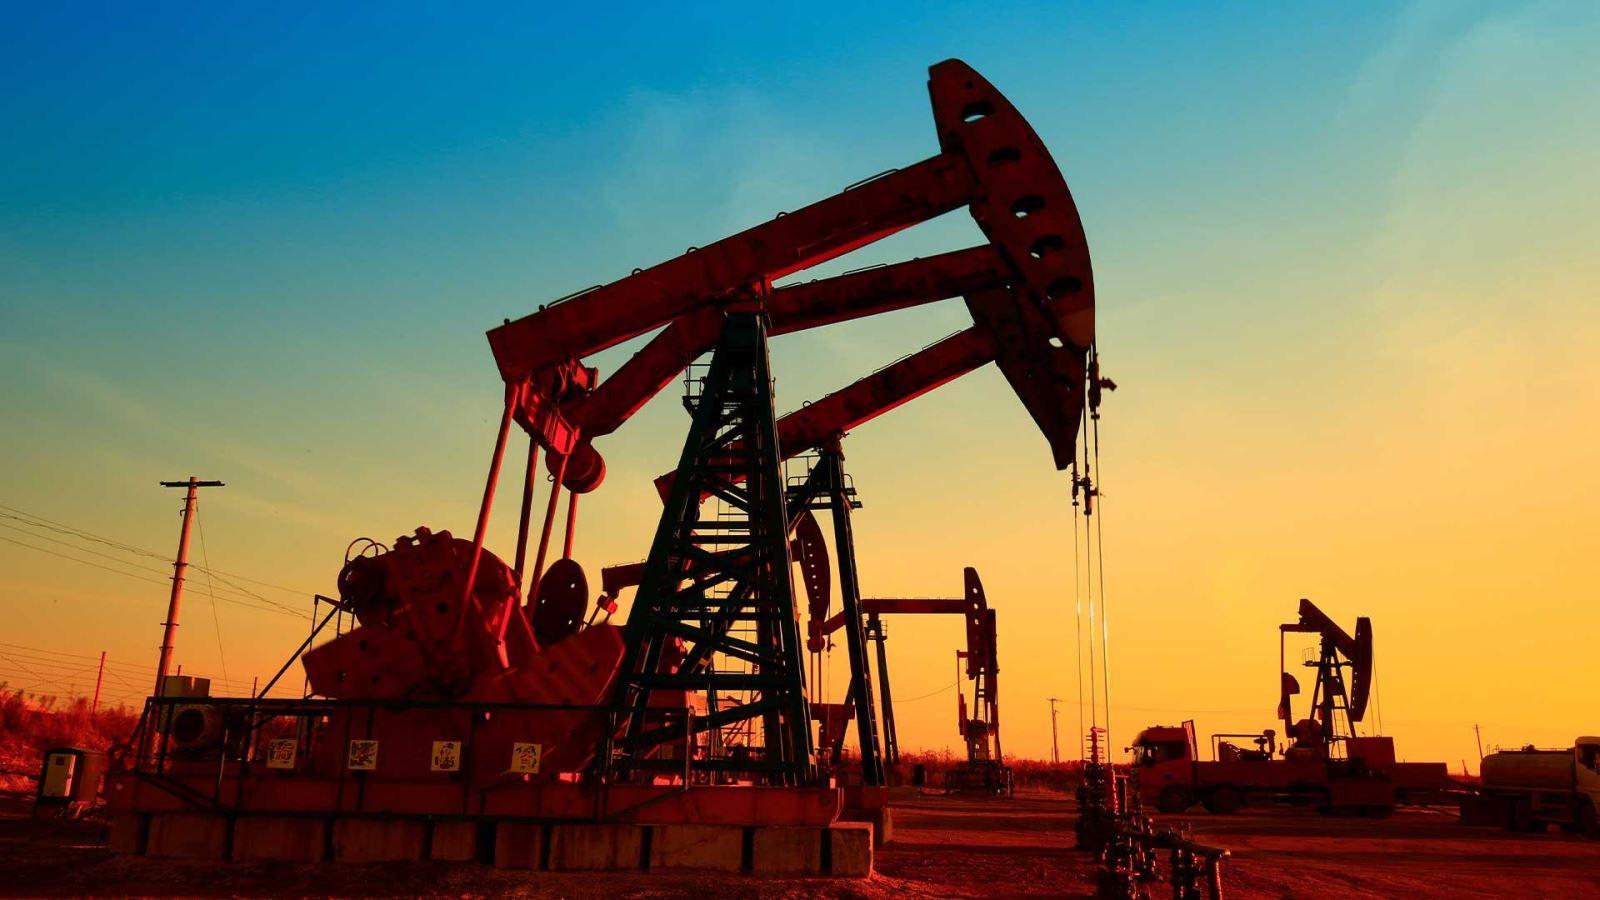 Giá xăng dầu hôm nay 5/1: Tiếp tục giảm giá sâu sau kỳ họp của OPEC+